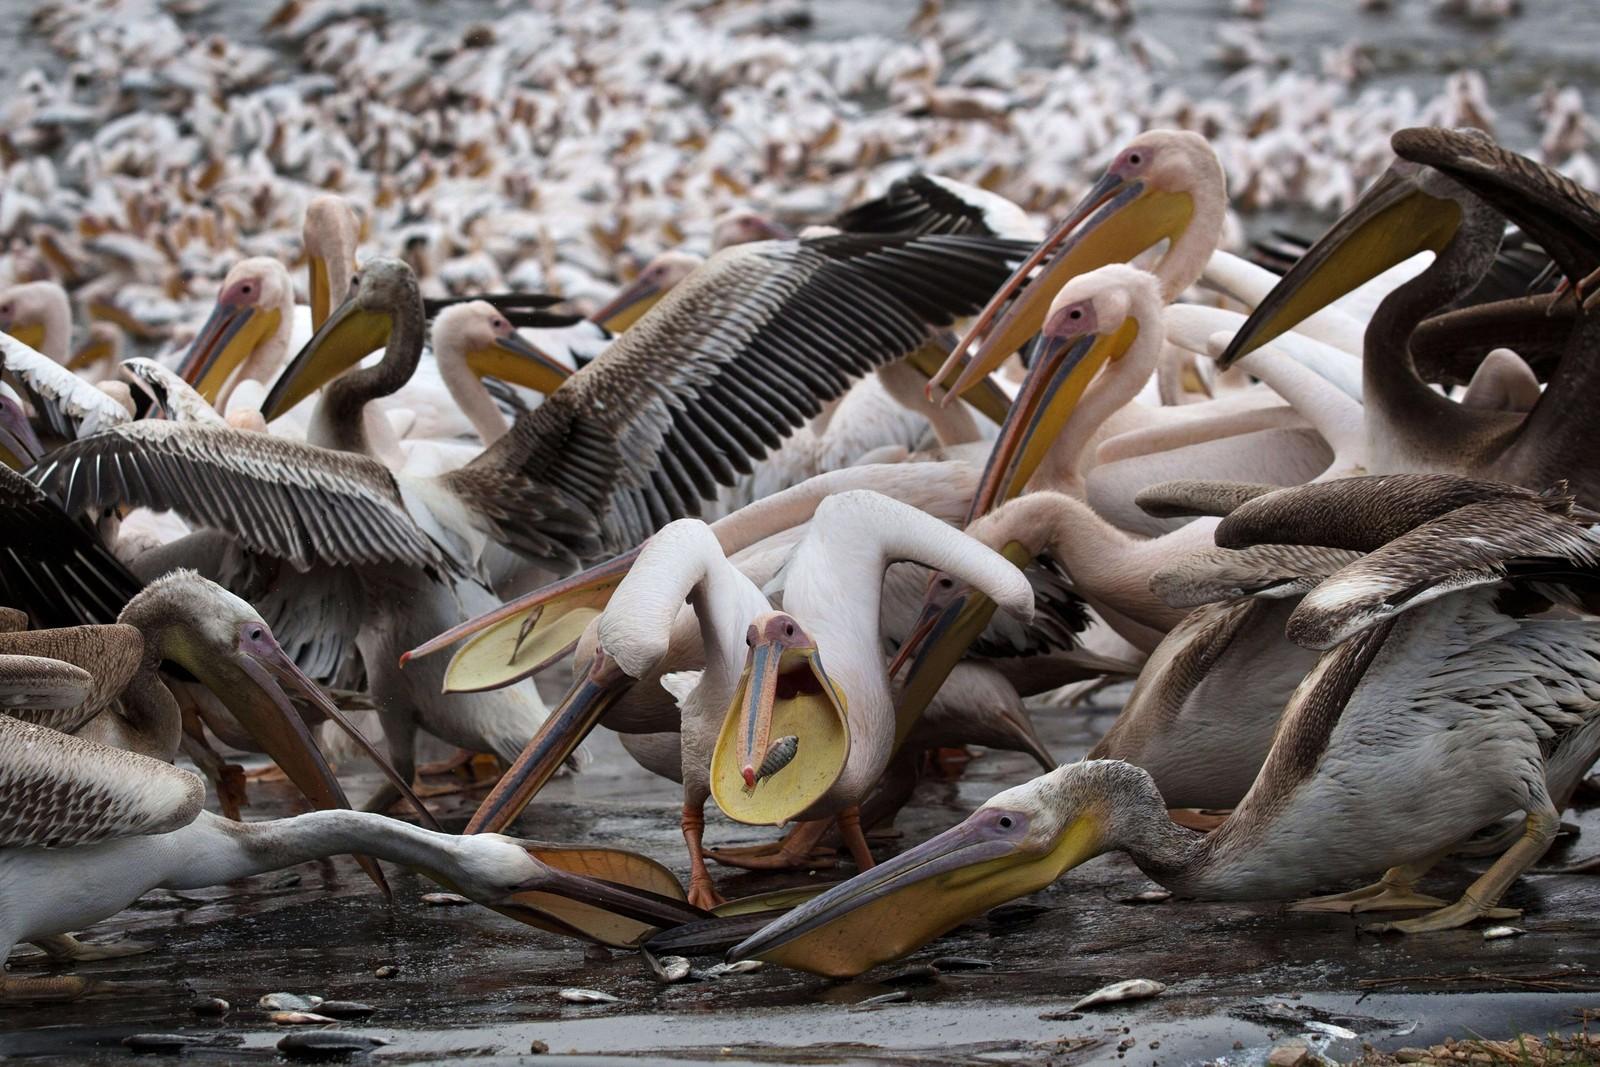 Tusener av pelikaner kjemper om fisk i Emek Hefer i Israel. de mange fuglene passerer Israel på vei til Afrika, der de skal tilbringe vinteren.